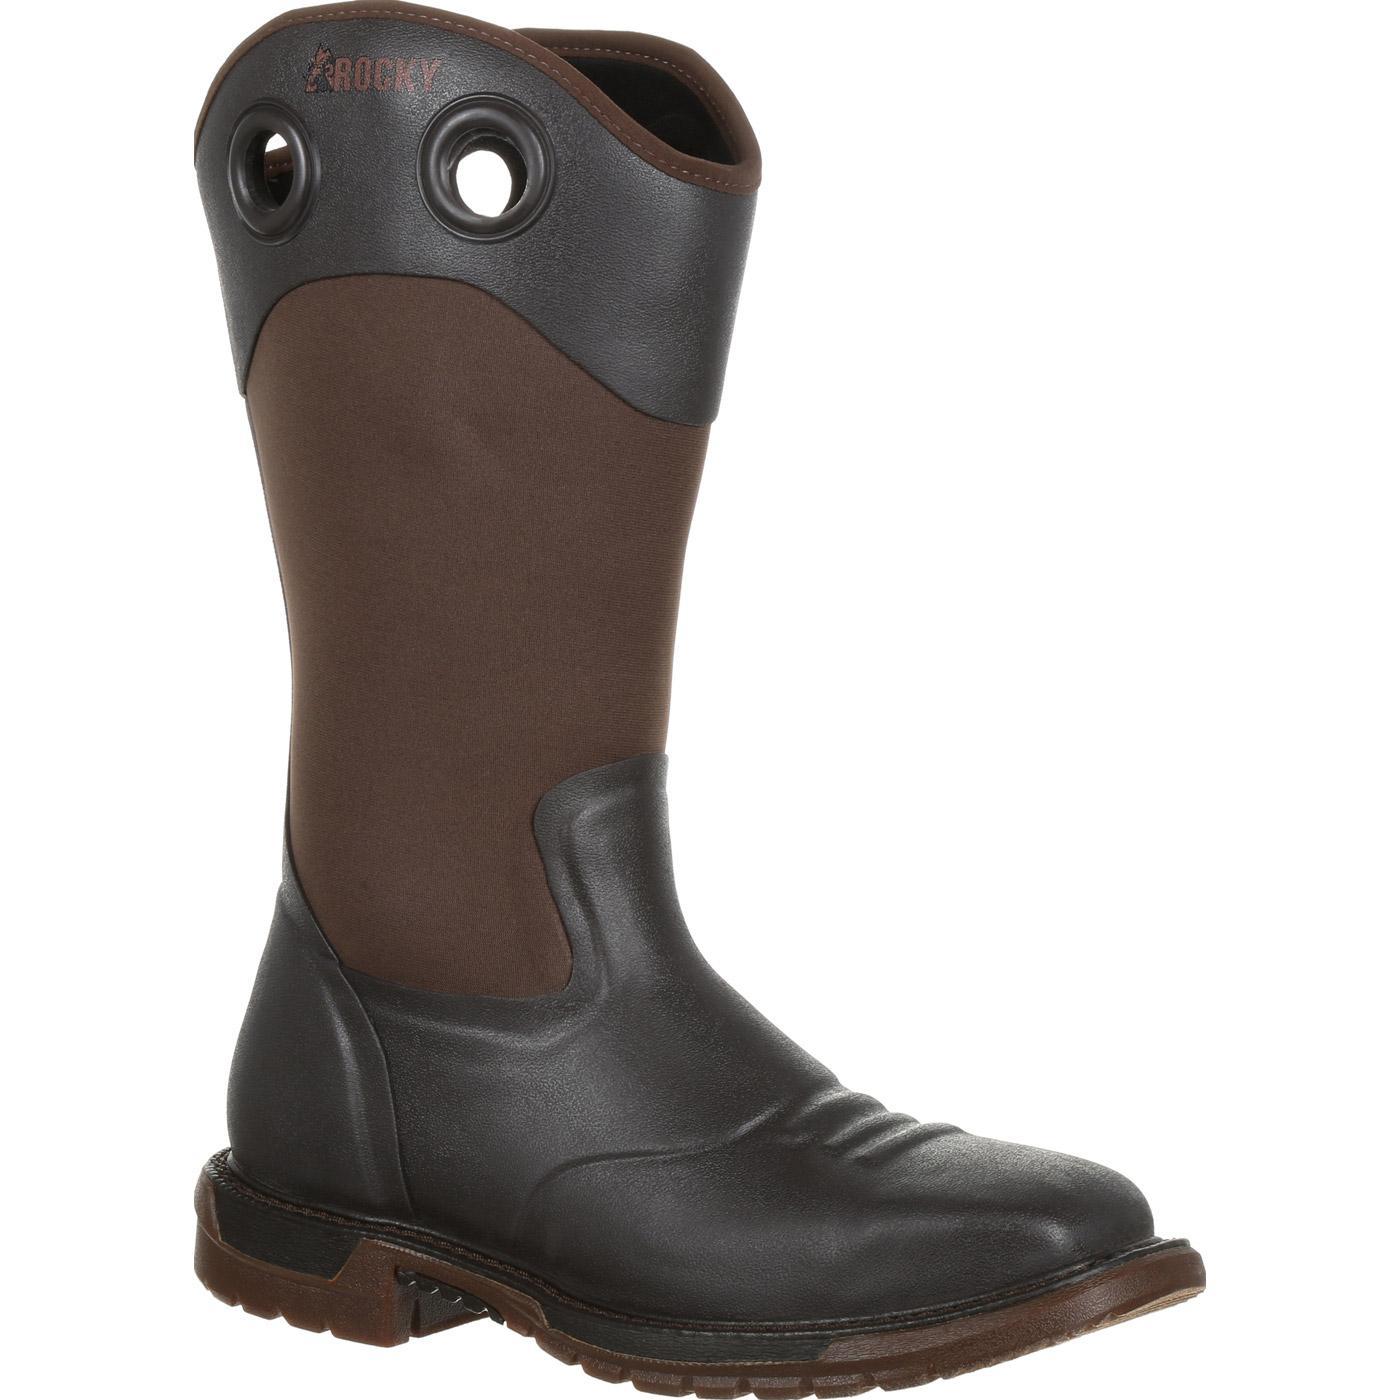 704e1312826 Rocky Original Ride FLX Steel Toe Rubber Boot